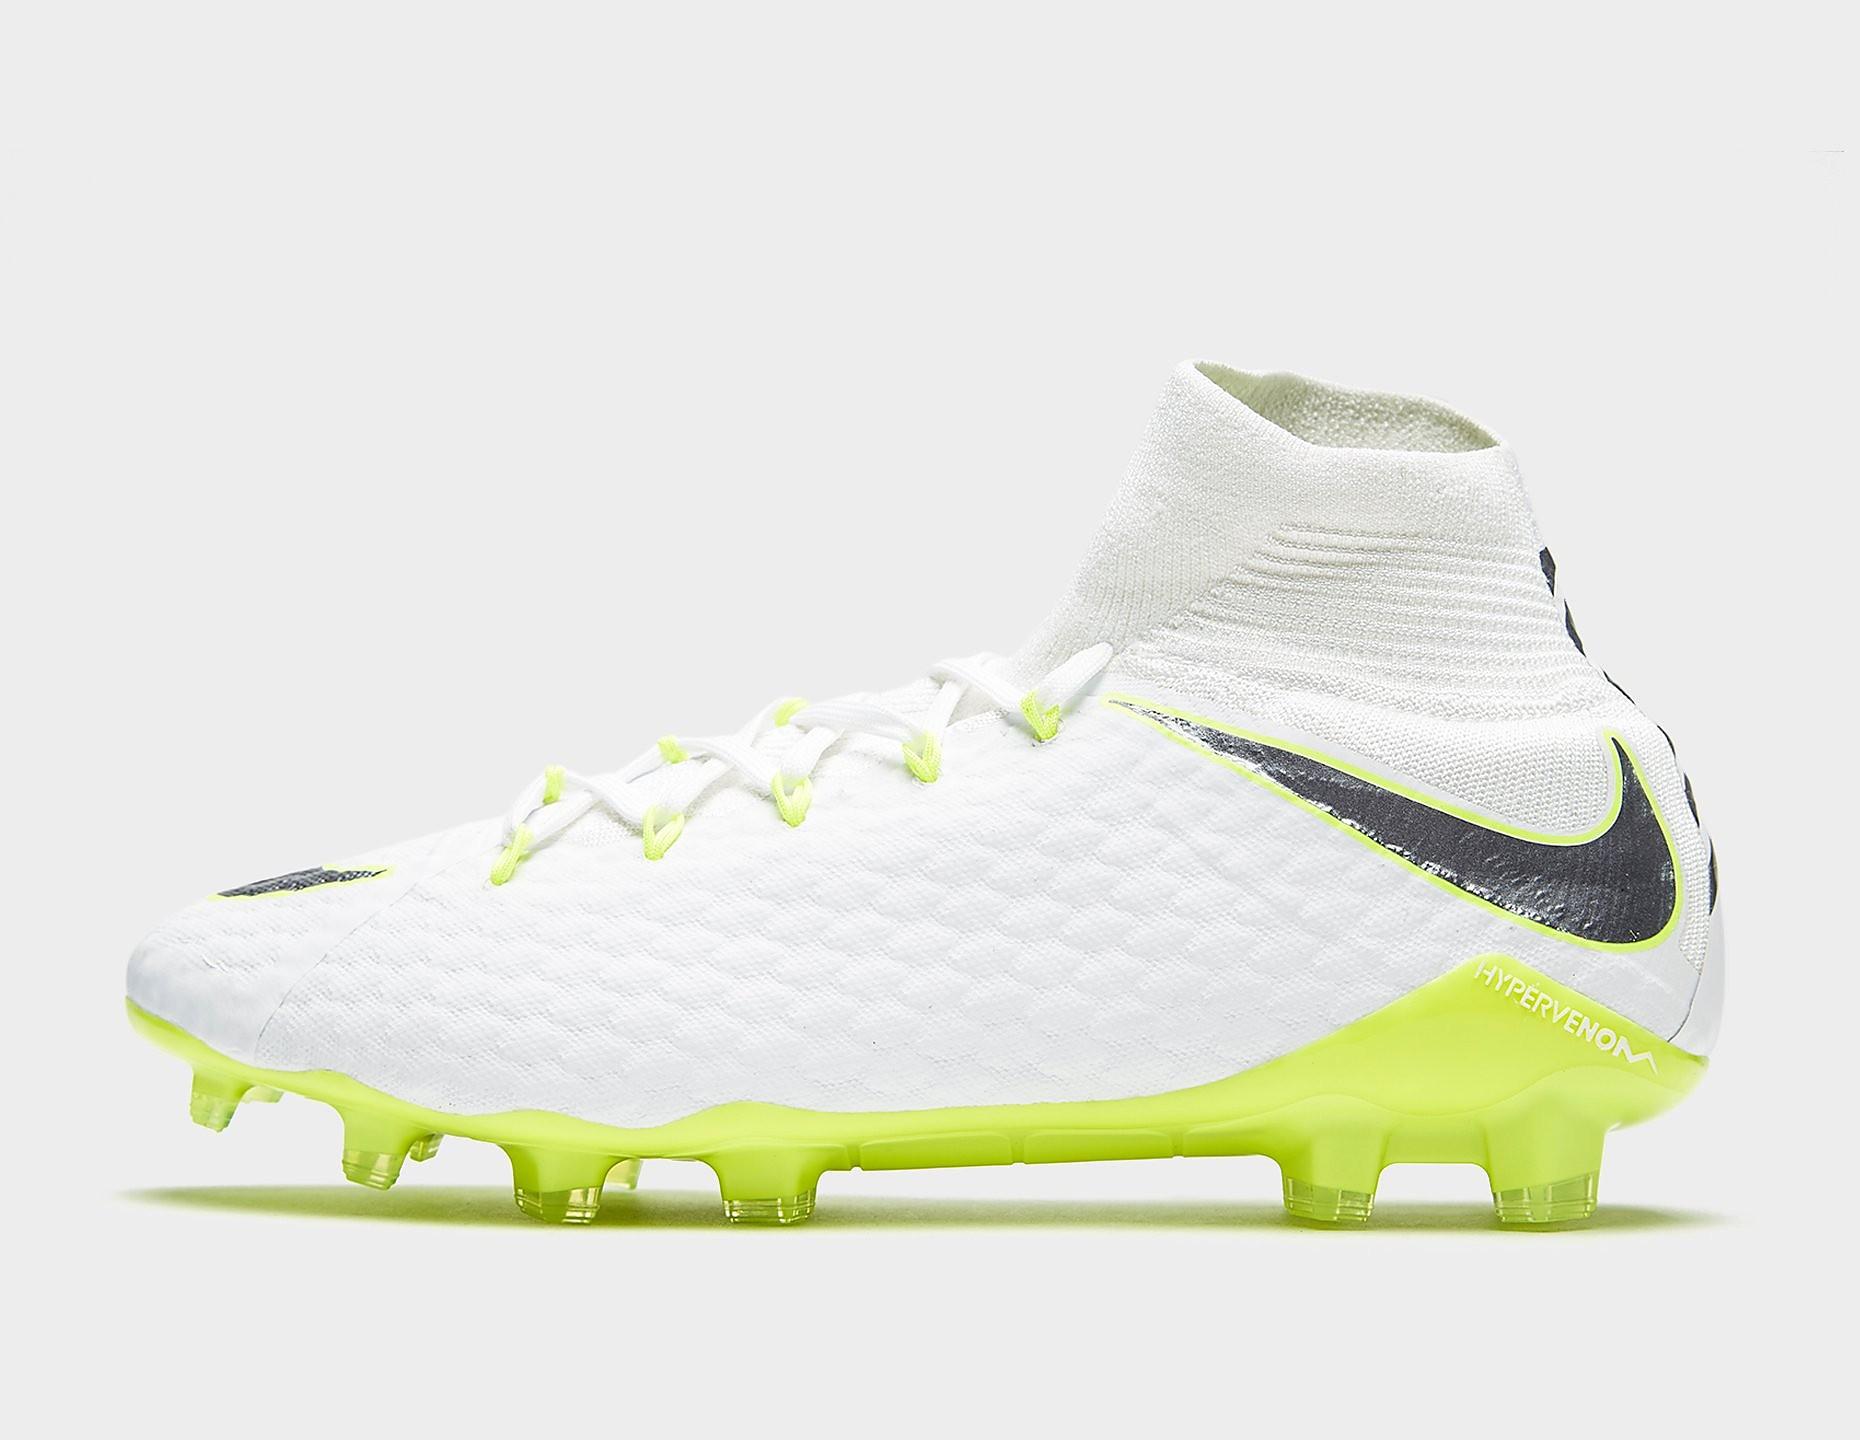 Nike Hypervenom Phantom Pro Dynamic Fit FG